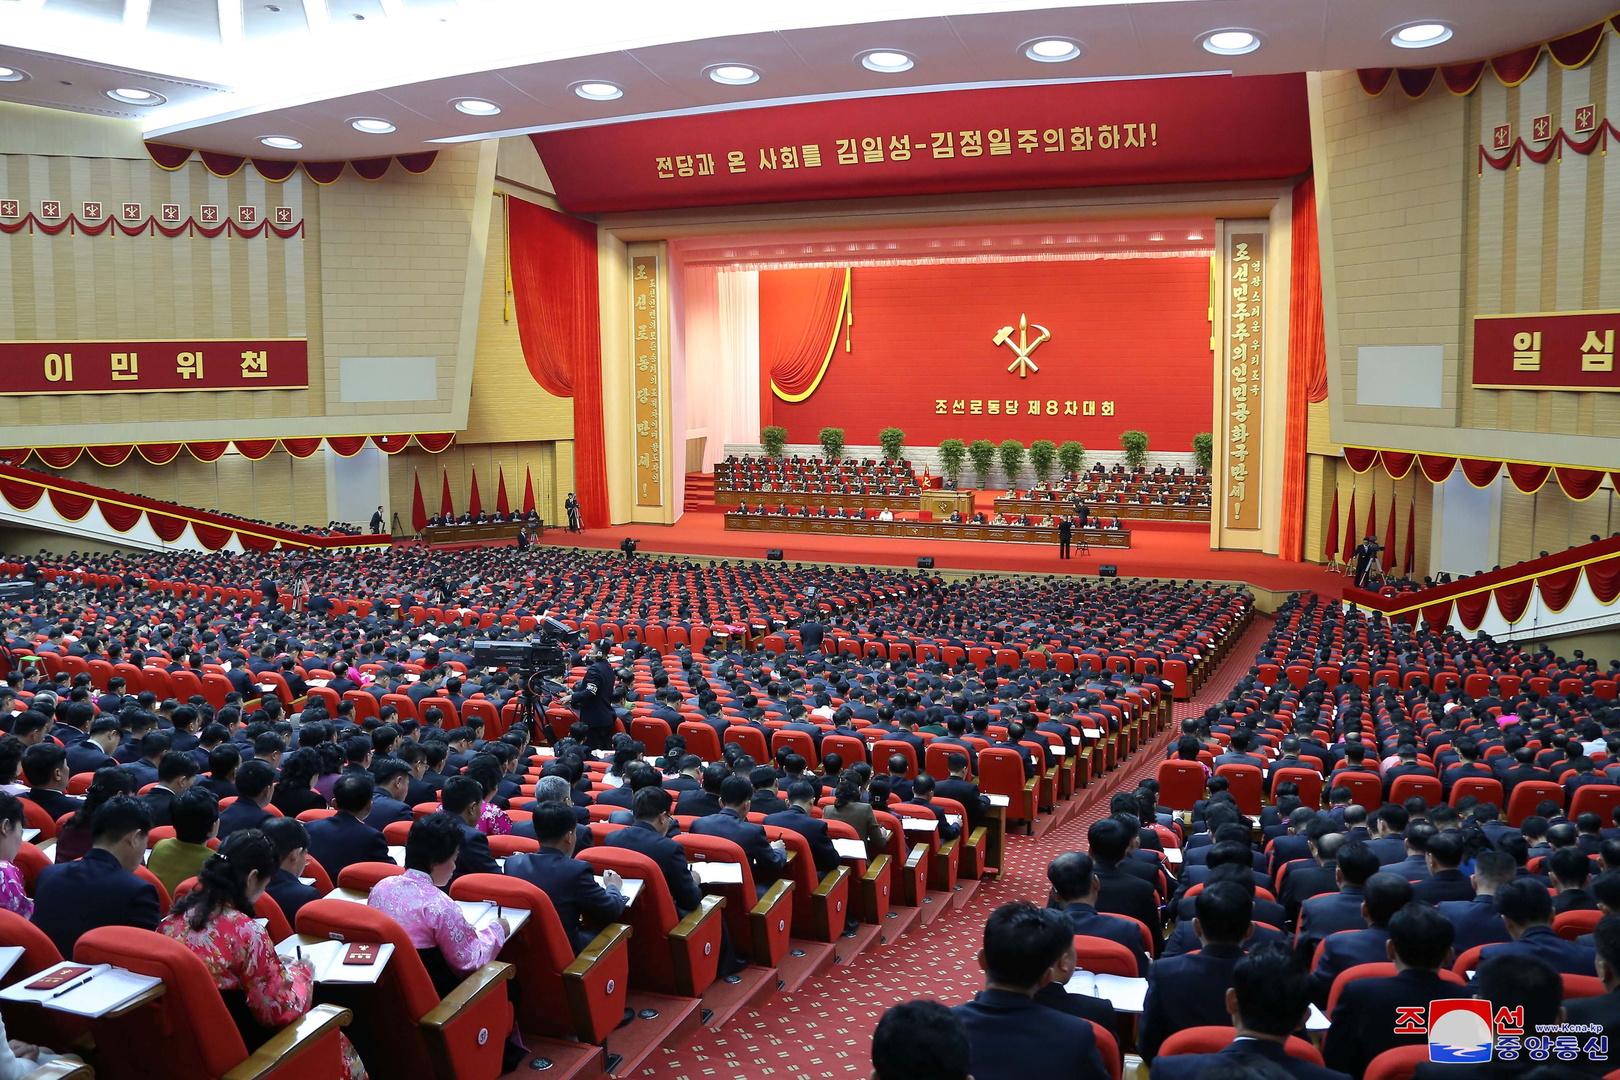 وزارة الوحدة: كوريا الشمالية تترك الباب مواربا لتطوير العلاقات مع جارتها الجنوبية